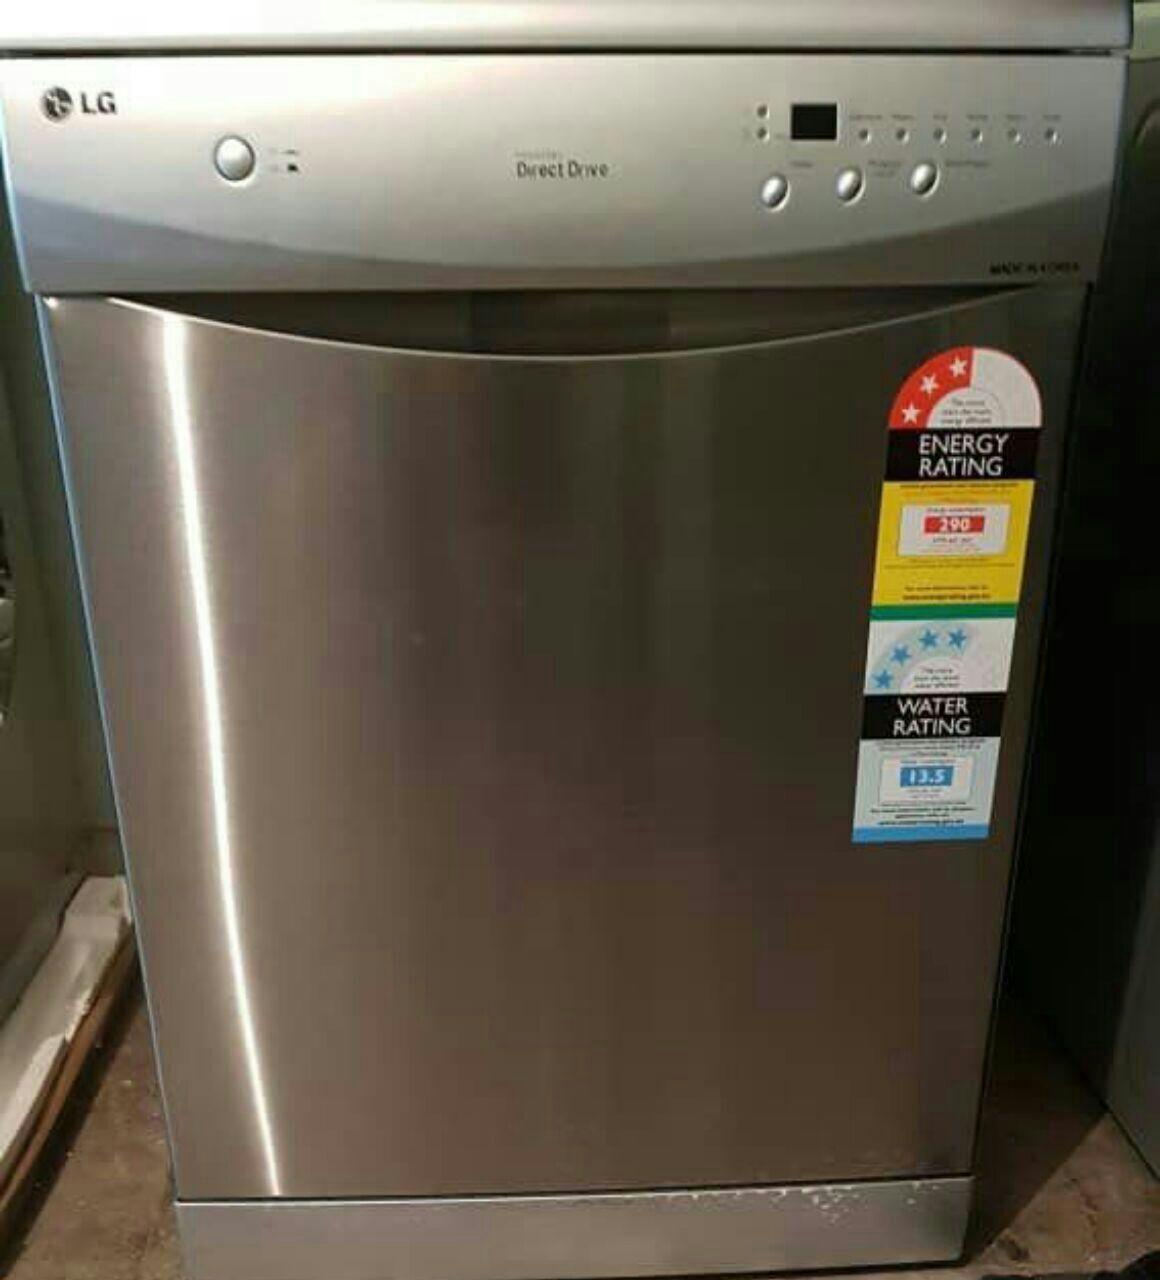 ماشین ظرفشویی 14 نفره الجی دایرکت درایو رنگ سیلور 3طبقه اسانسور دار